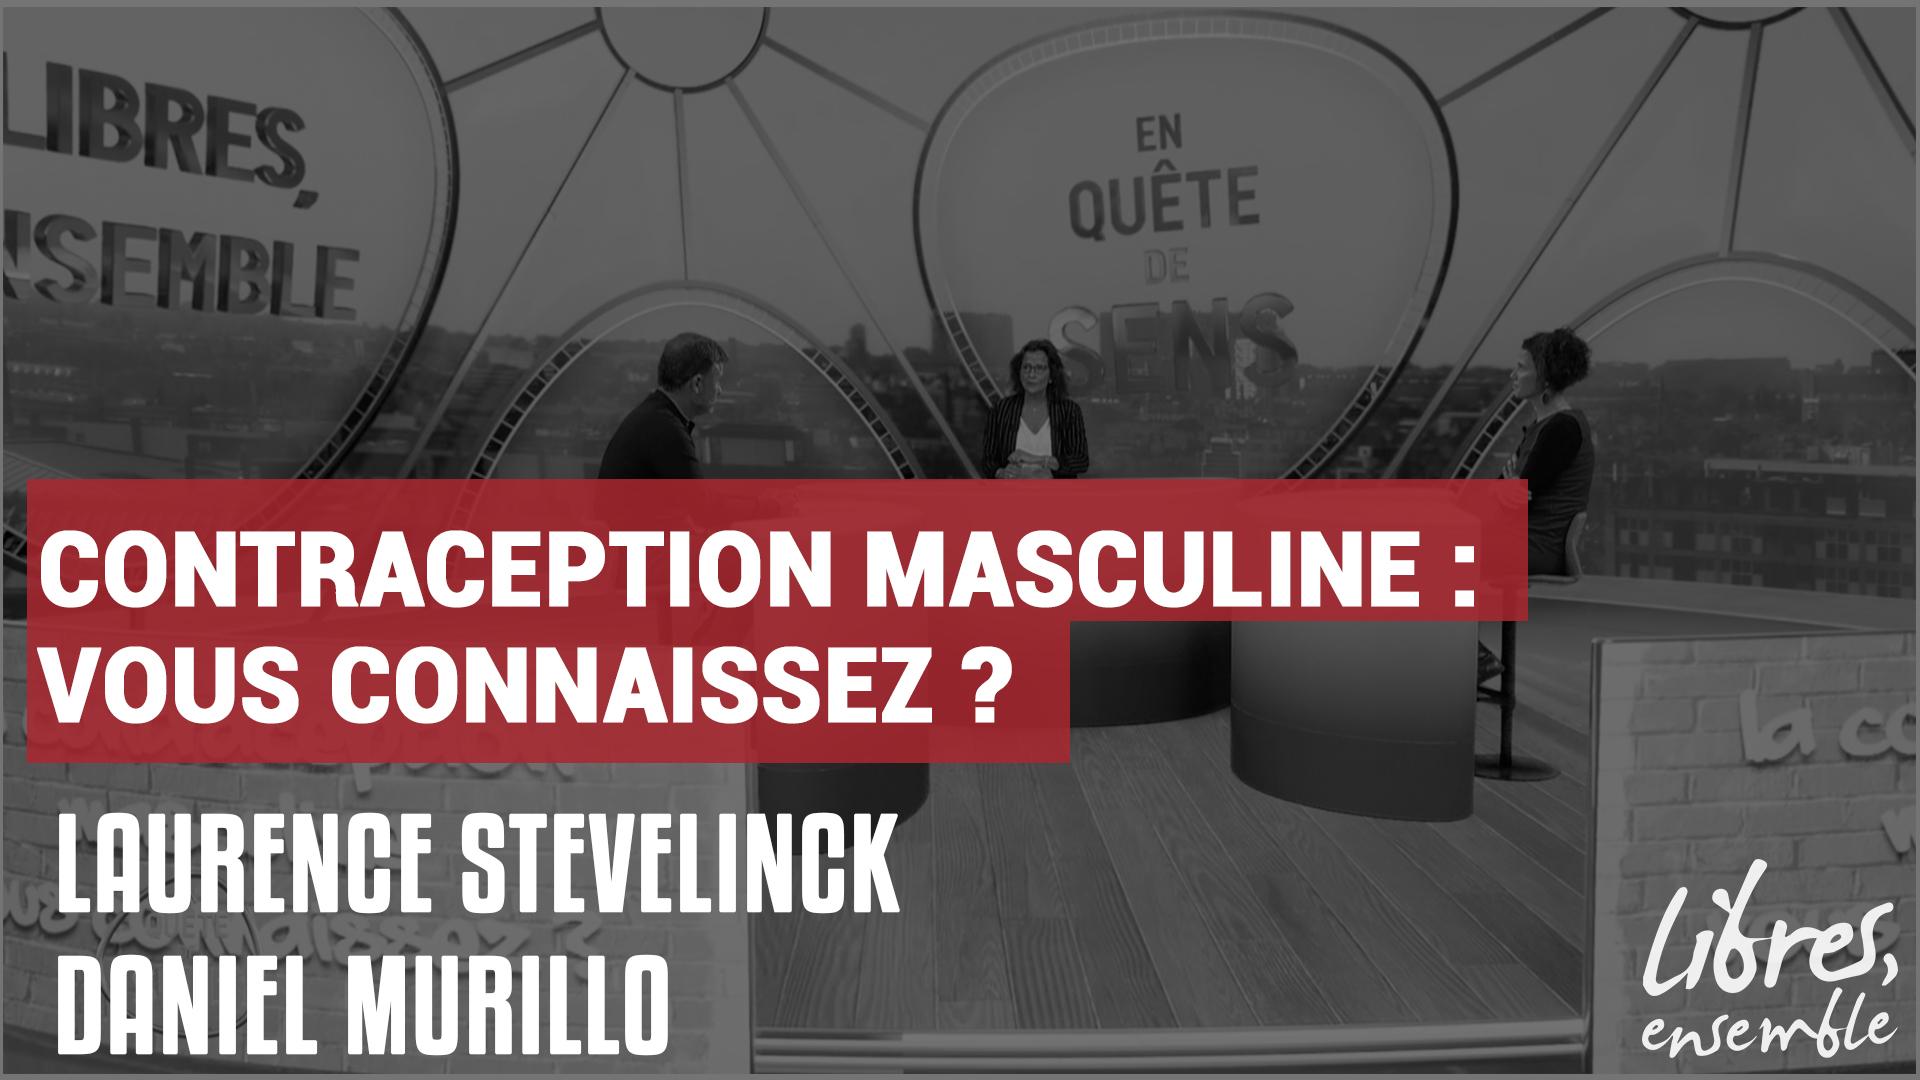 Contraception masculine : vous connaissez ?